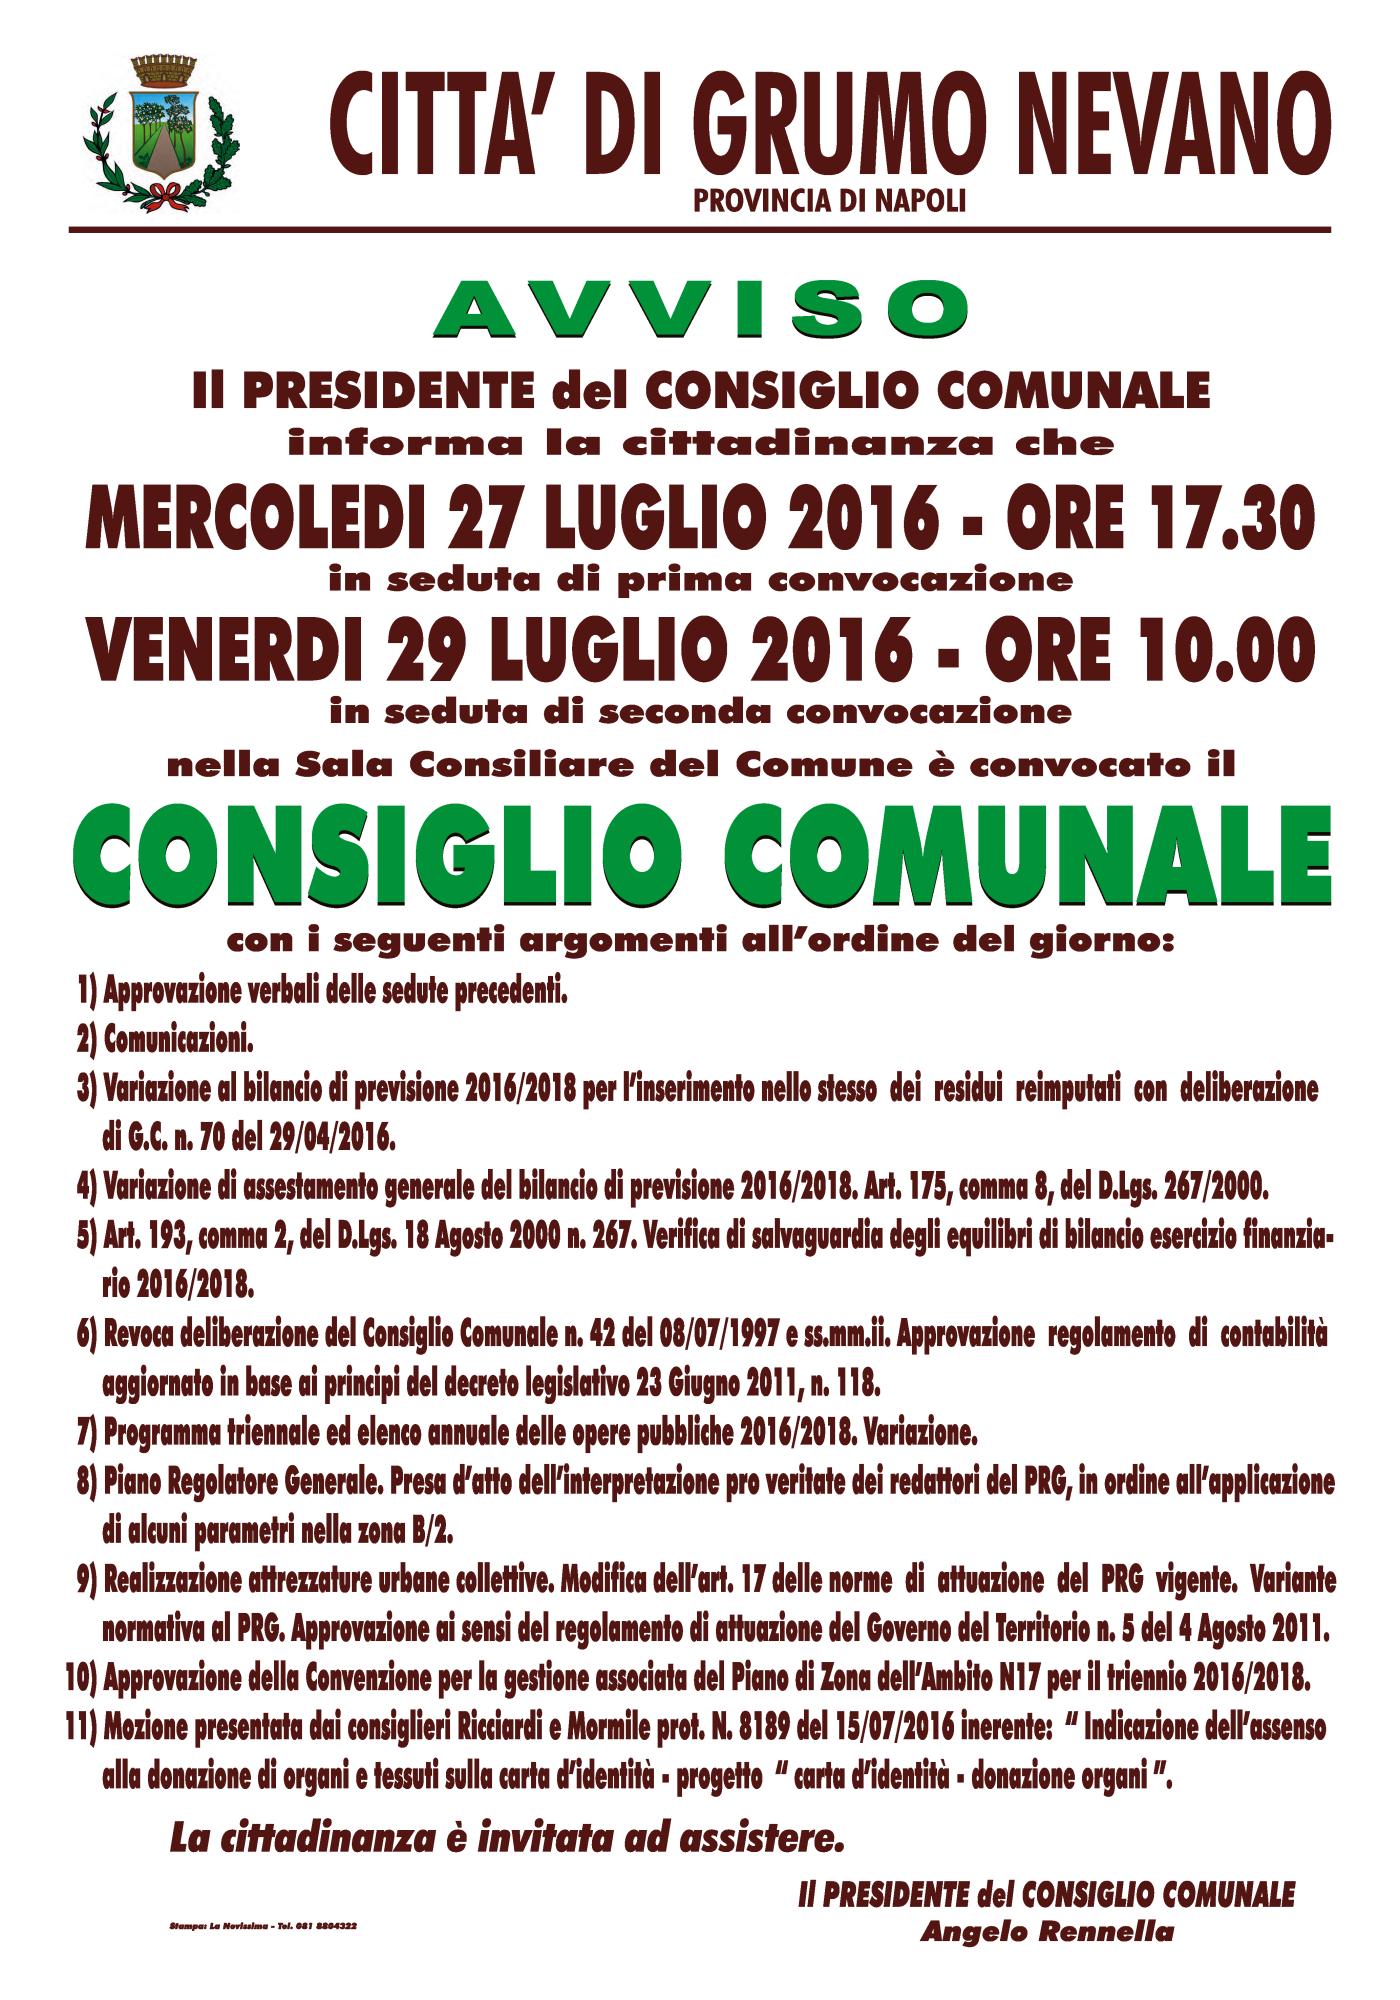 Manifestocomunegrumo56